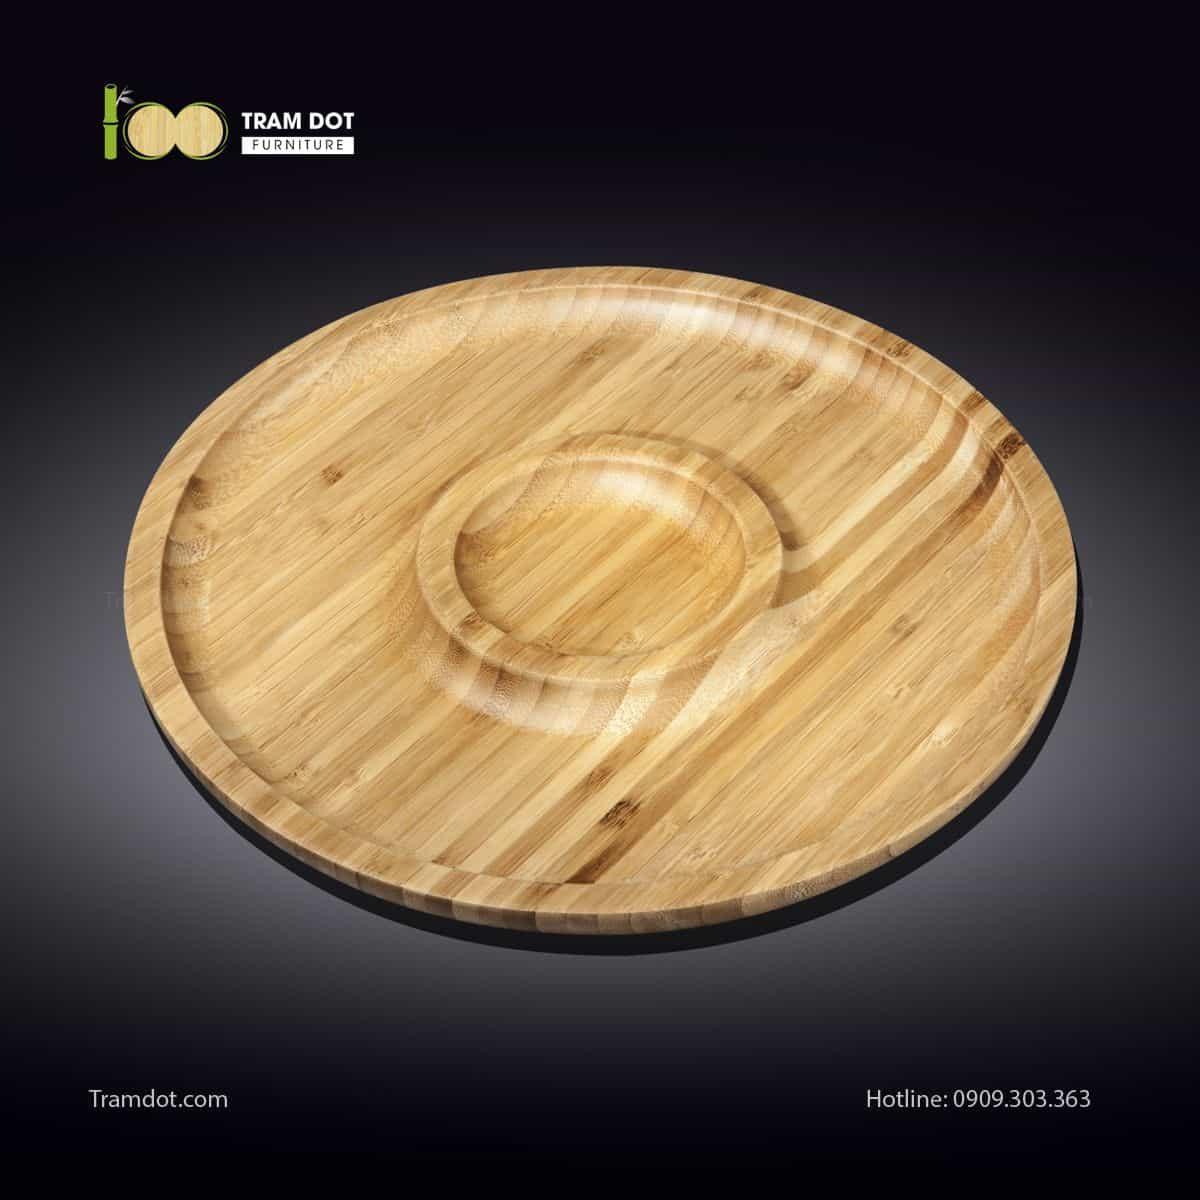 Đĩa tre tròn 2 phần đồng tâm 30.5x30.5cm | TRAMDOT Furniture